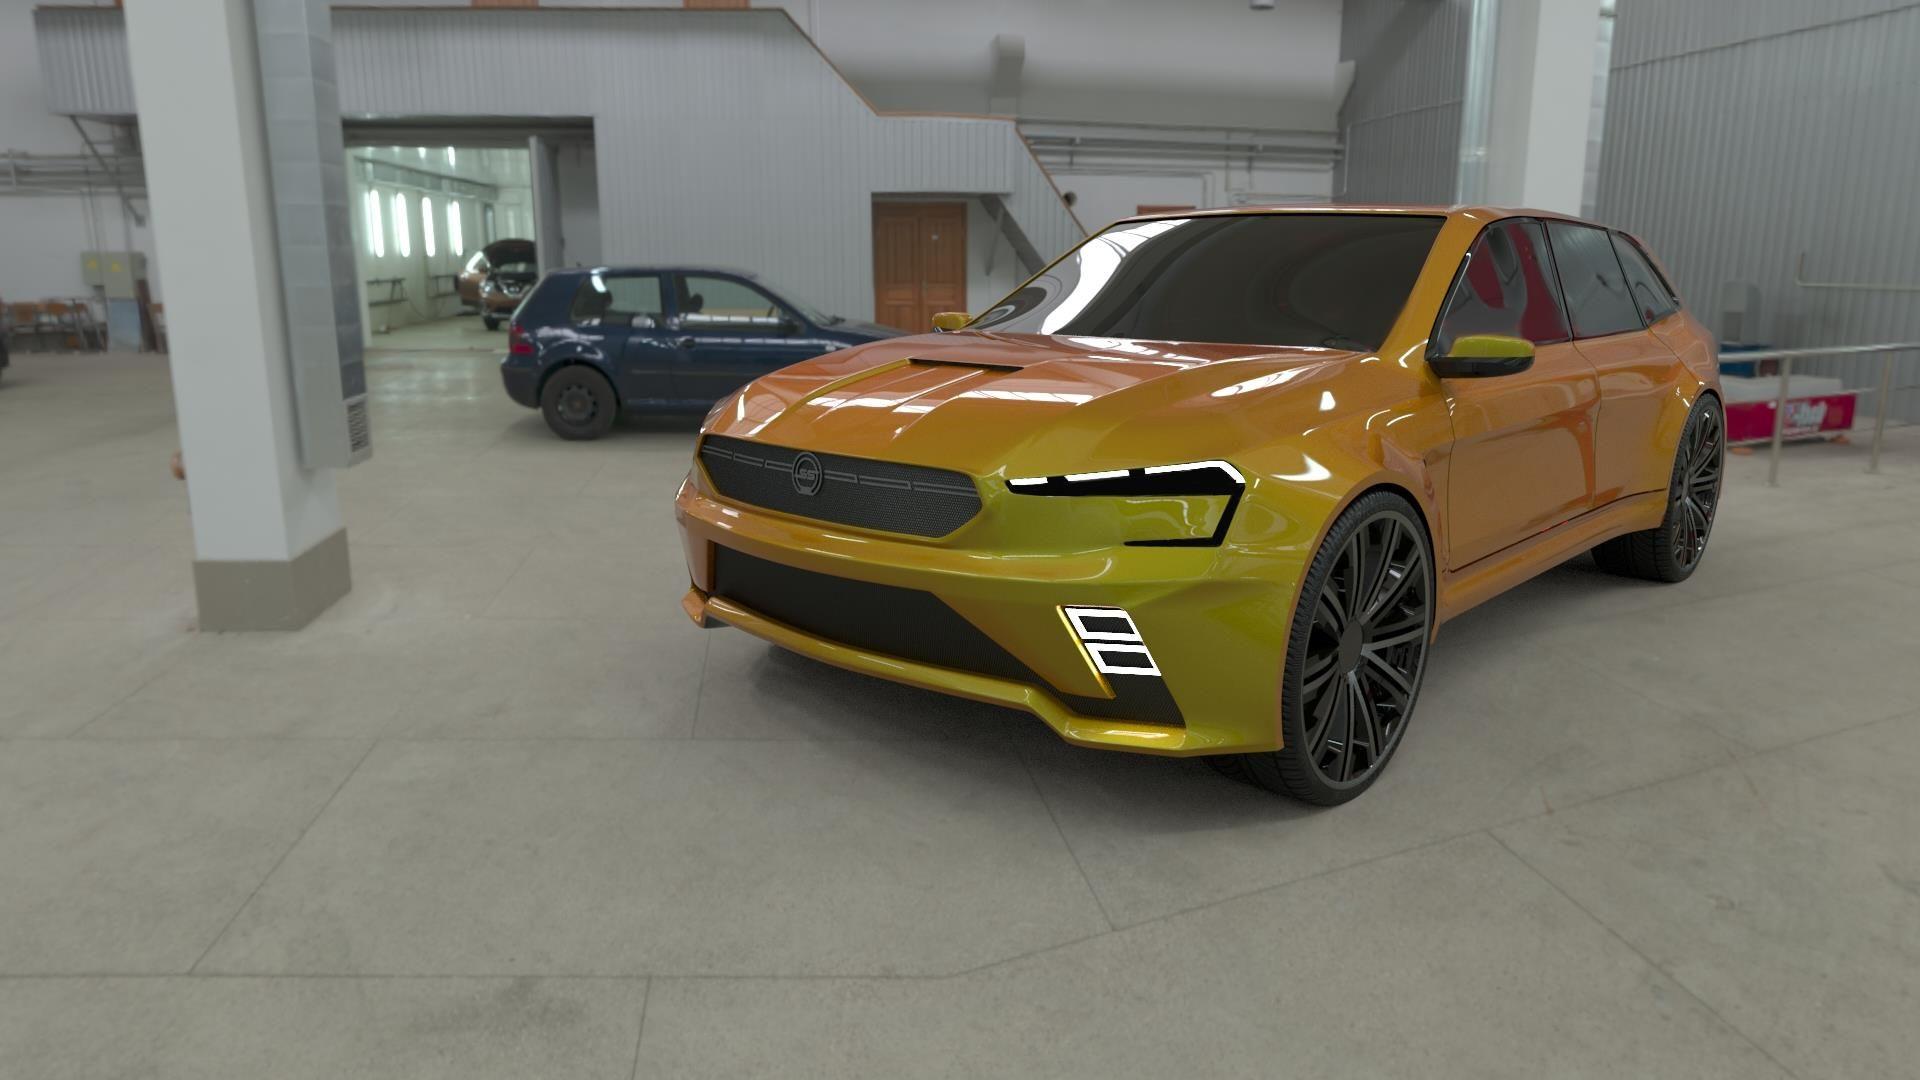 Nex3-3500-3500